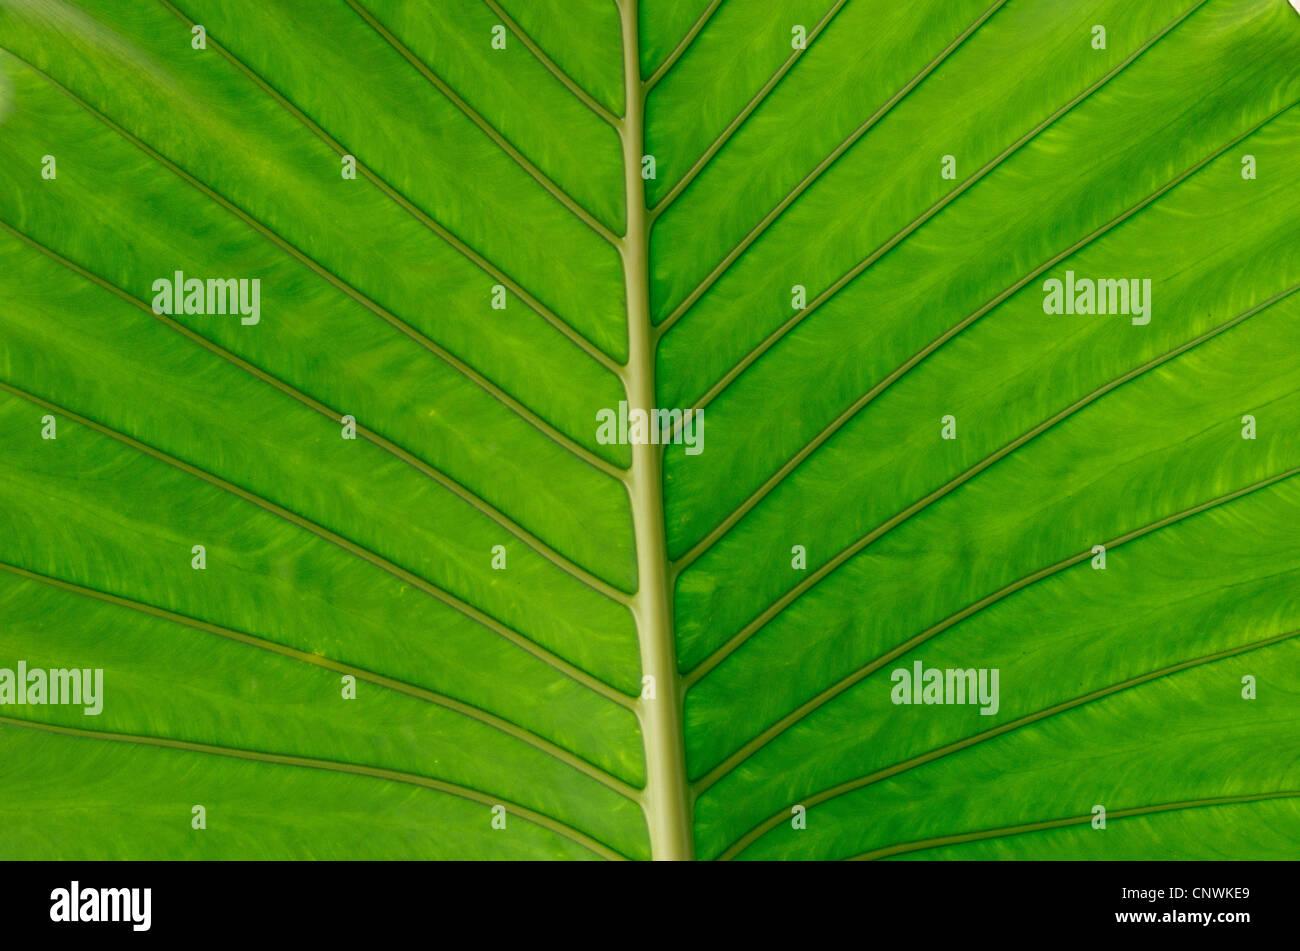 Textur von einem grünen Blatt als Hintergrund Stockbild